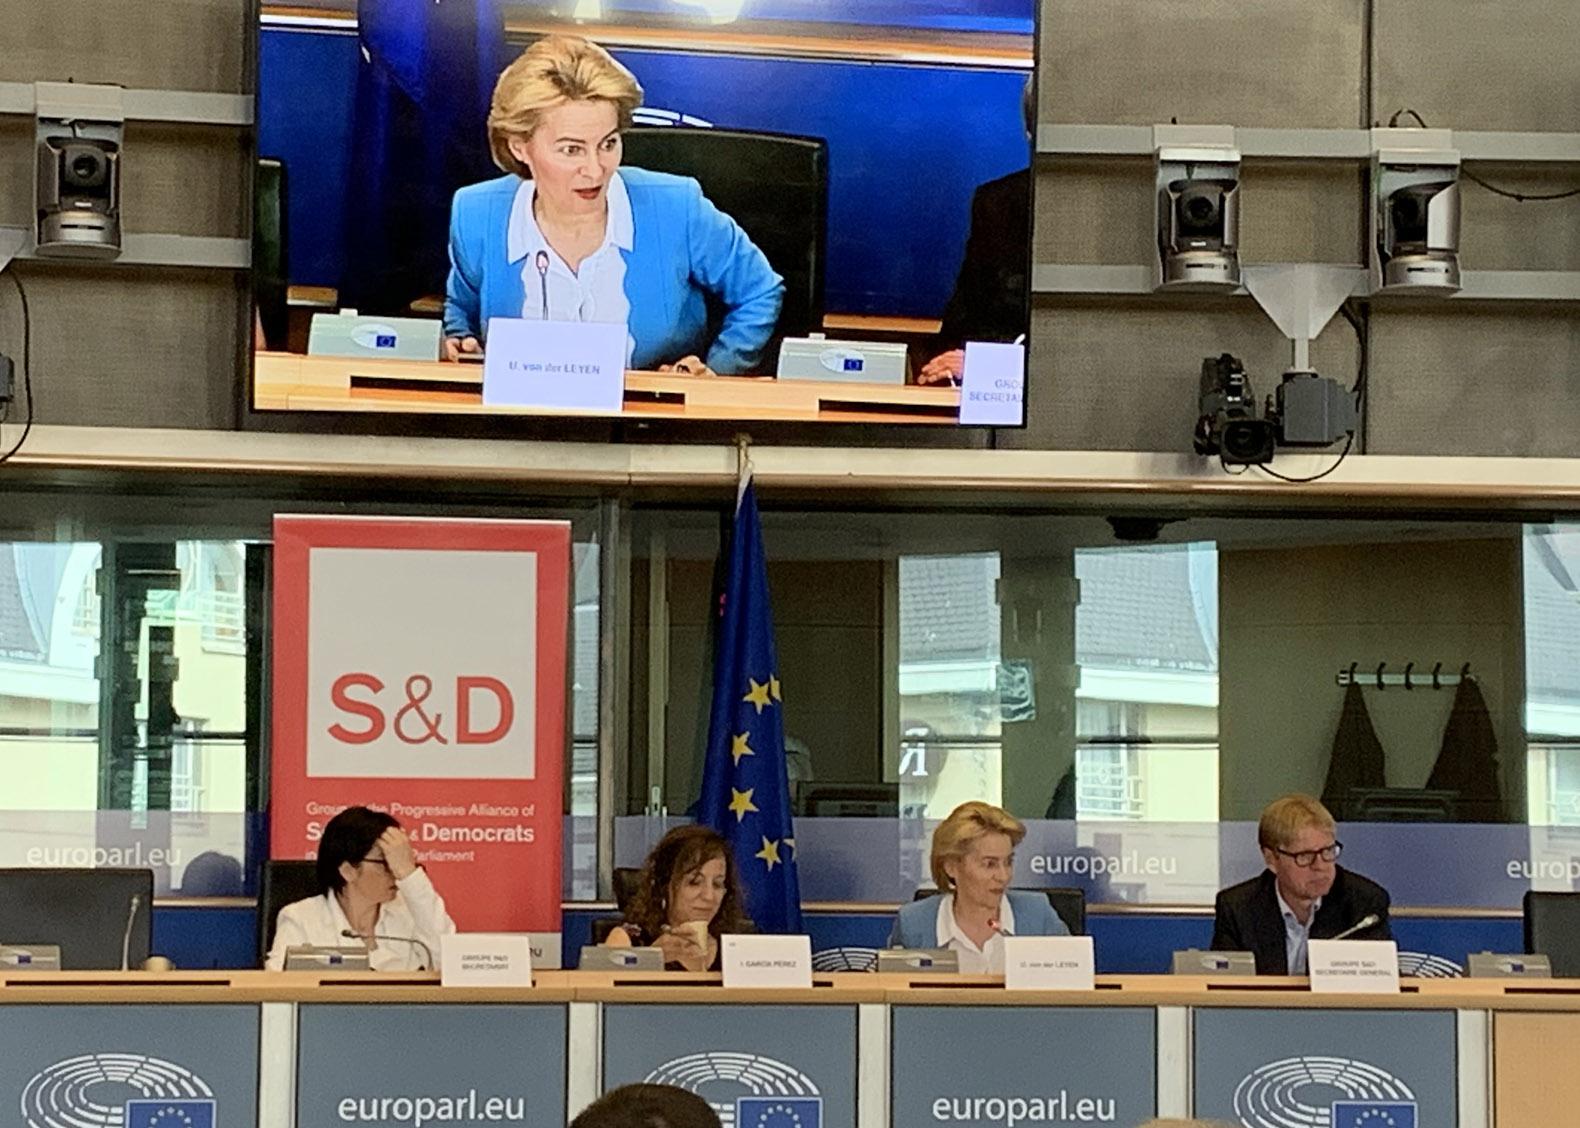 Von der Leyen and EU Democracy